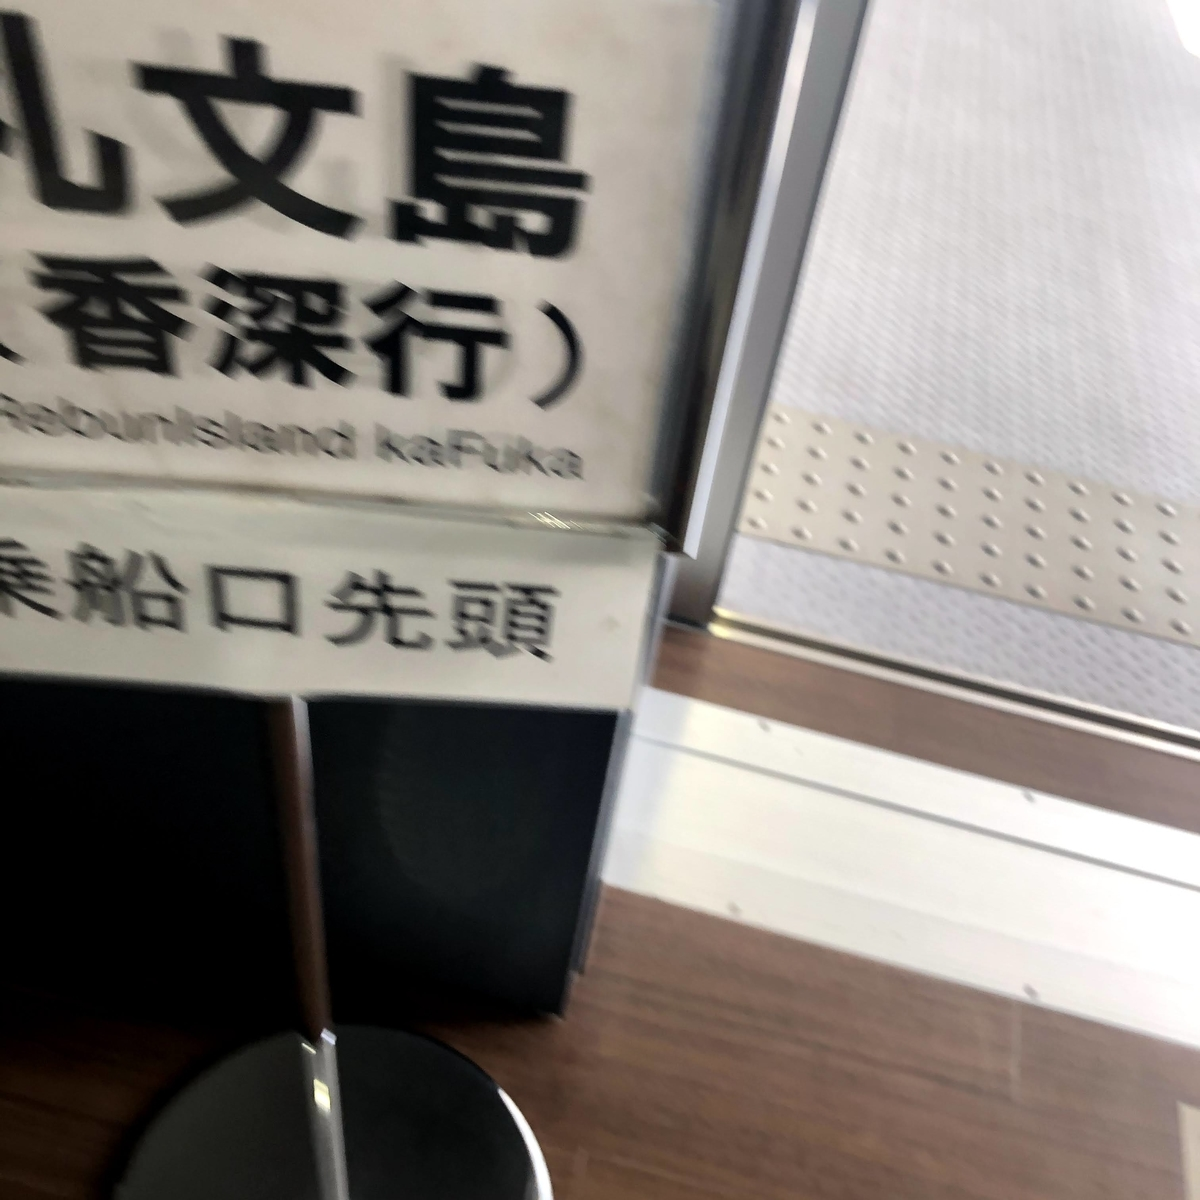 f:id:junichisuzaki:20200831120345j:plain